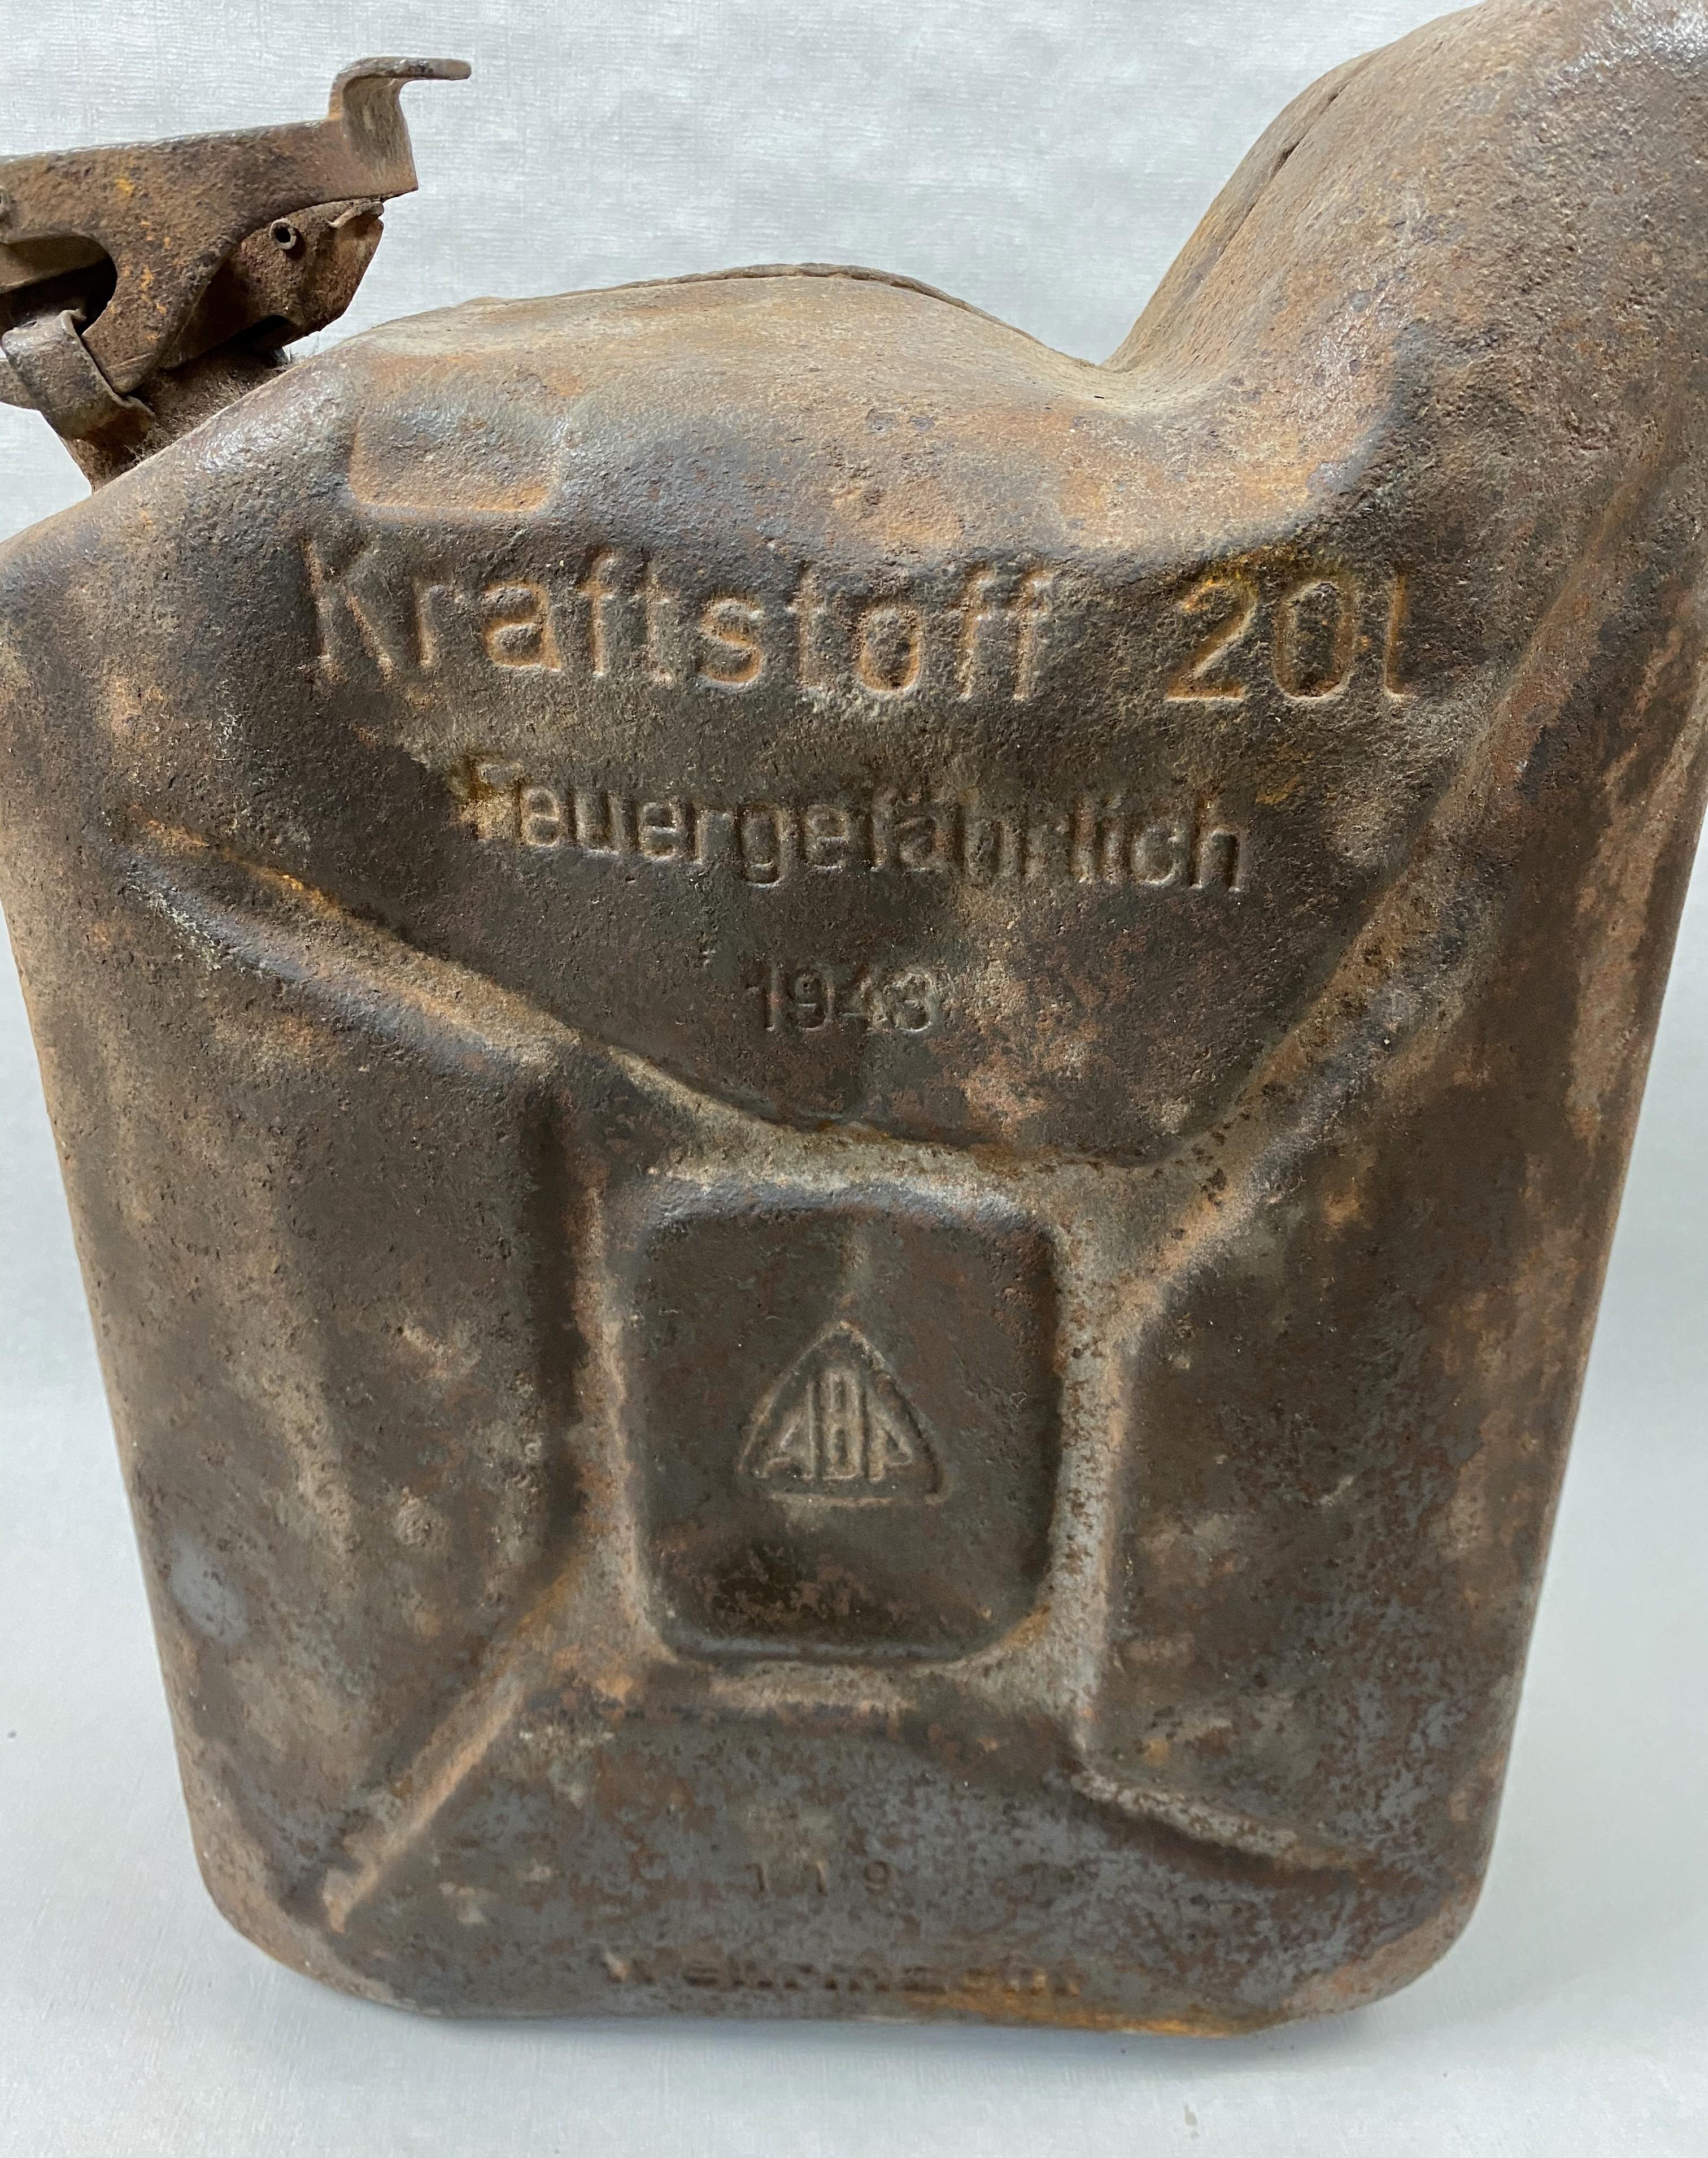 GERMAN JERRYCAN KRATTSTOFF FEUERGEFÄHRLICH 1943 WWII GASOLINA  20 LITROS